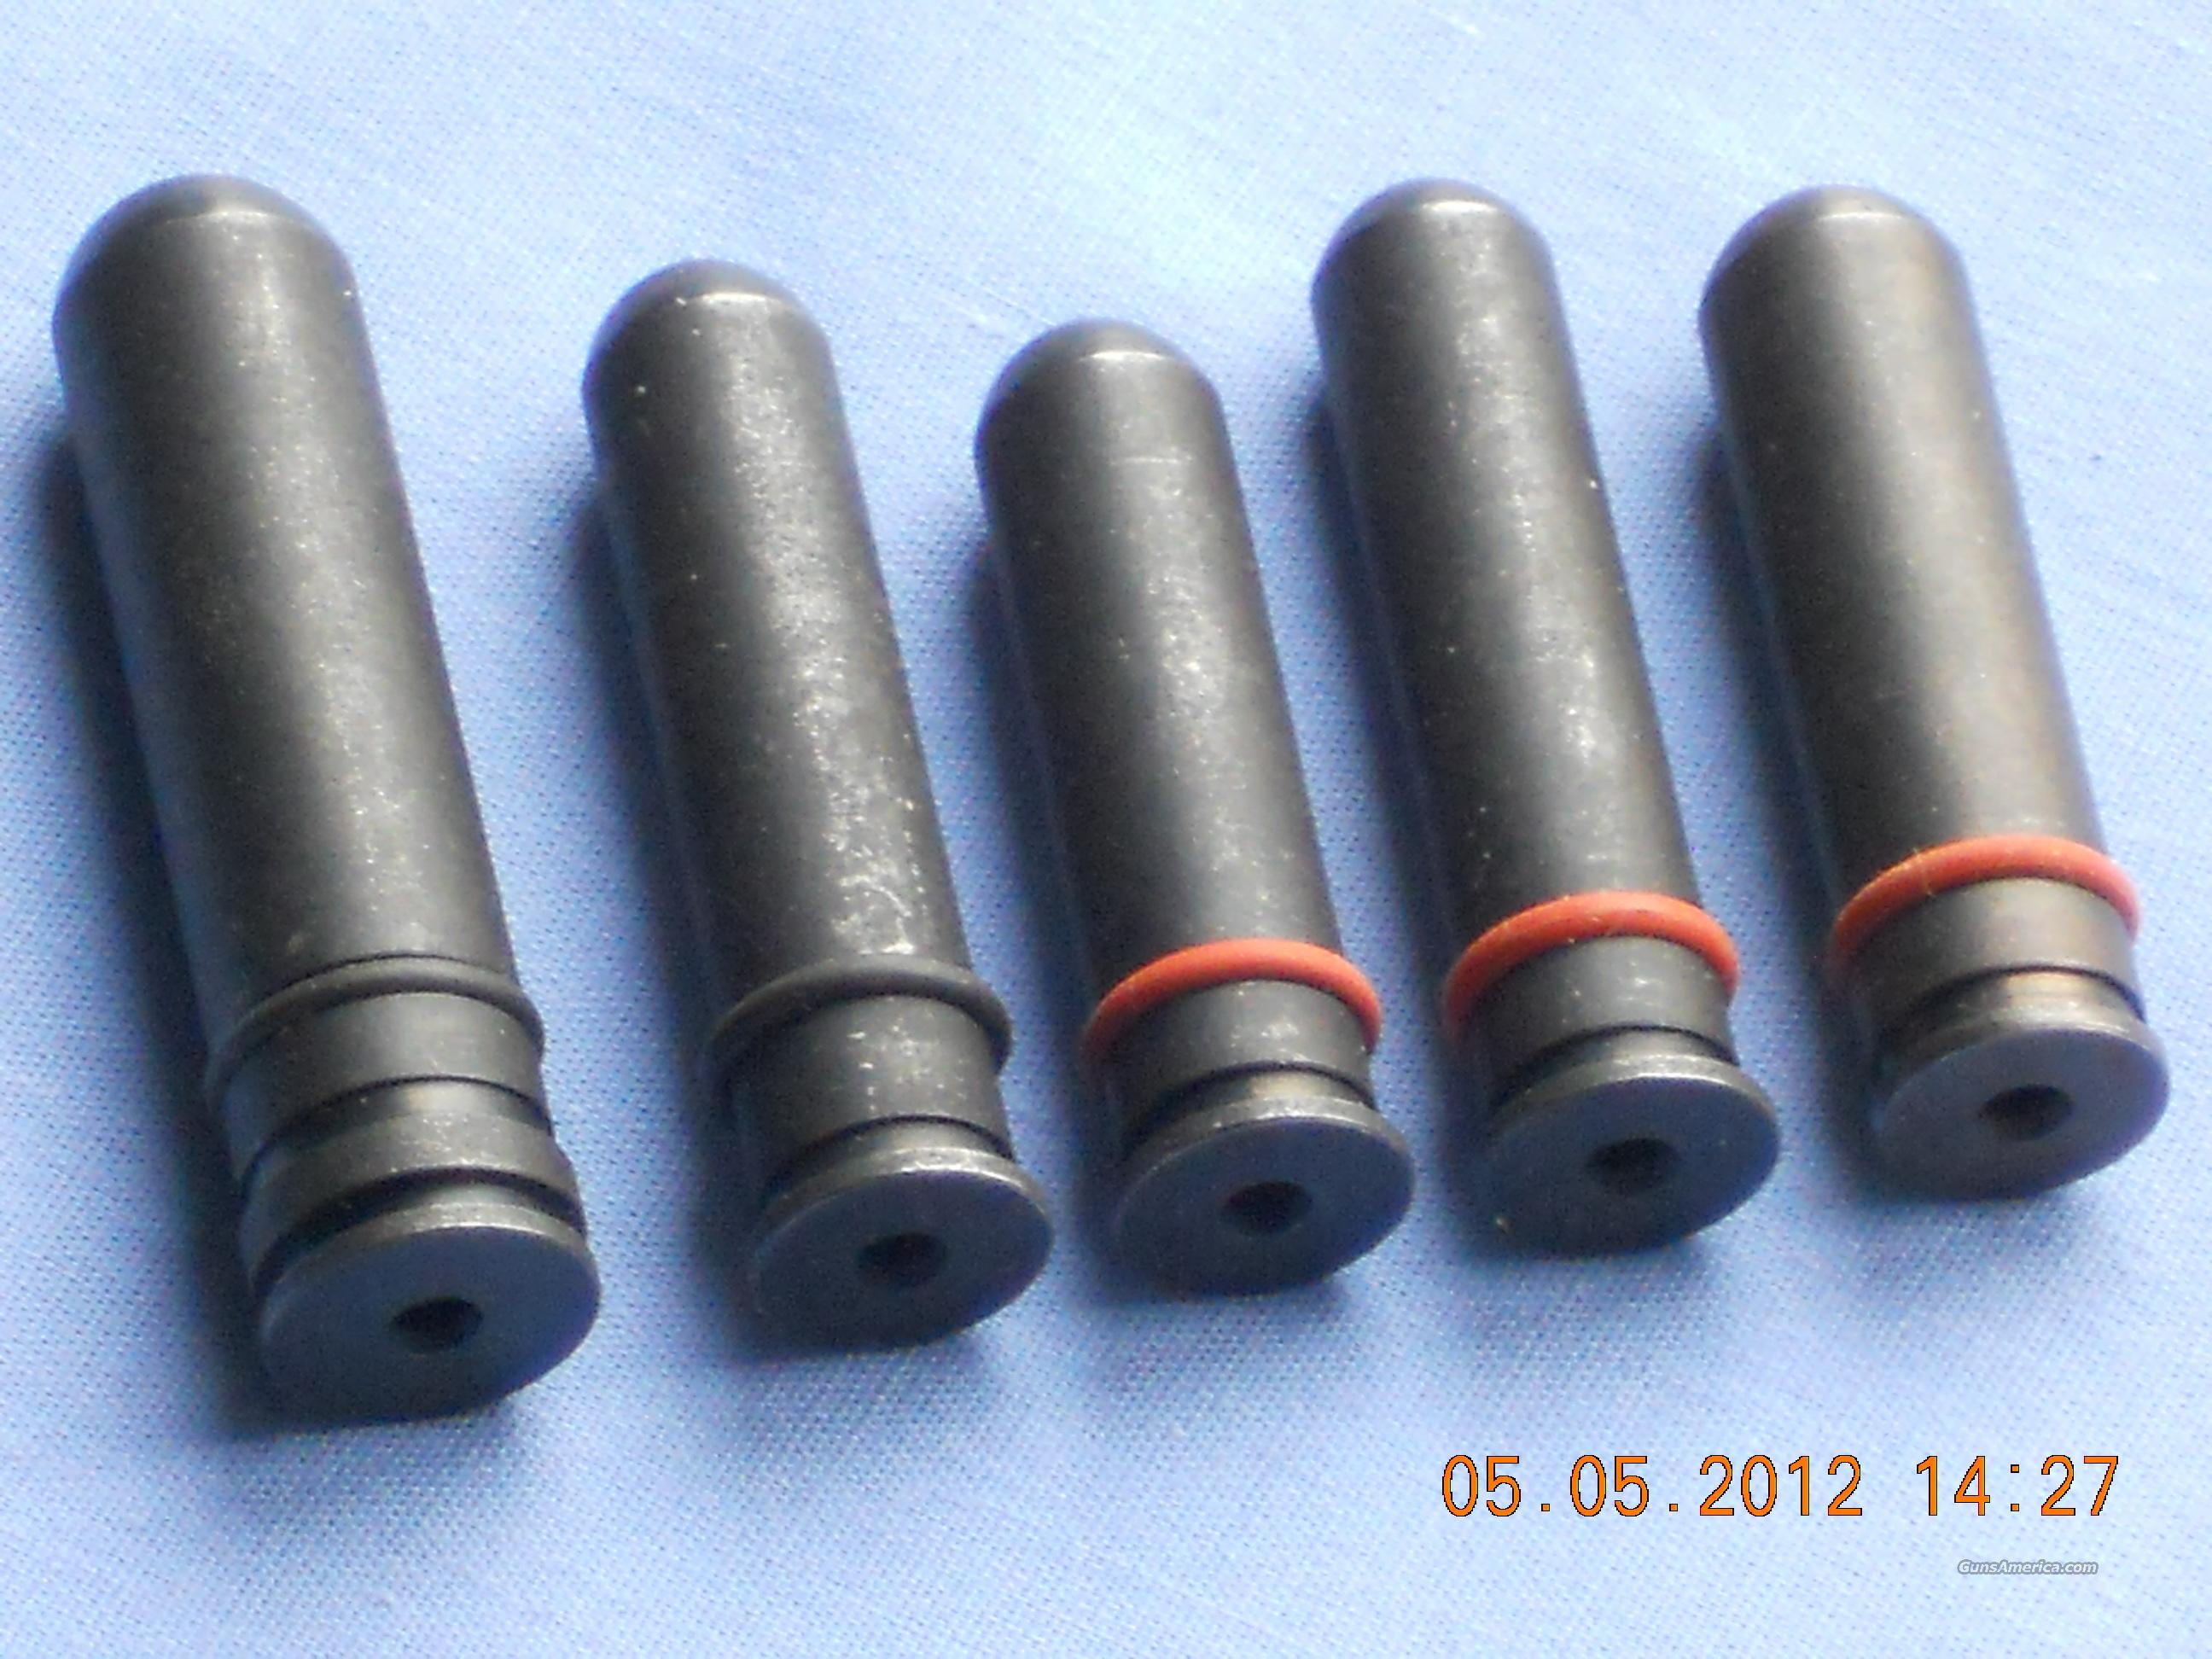 Sinclair Chamber (5PC.) Plug SET  Non-Guns > Gunsmith Tools/Supplies